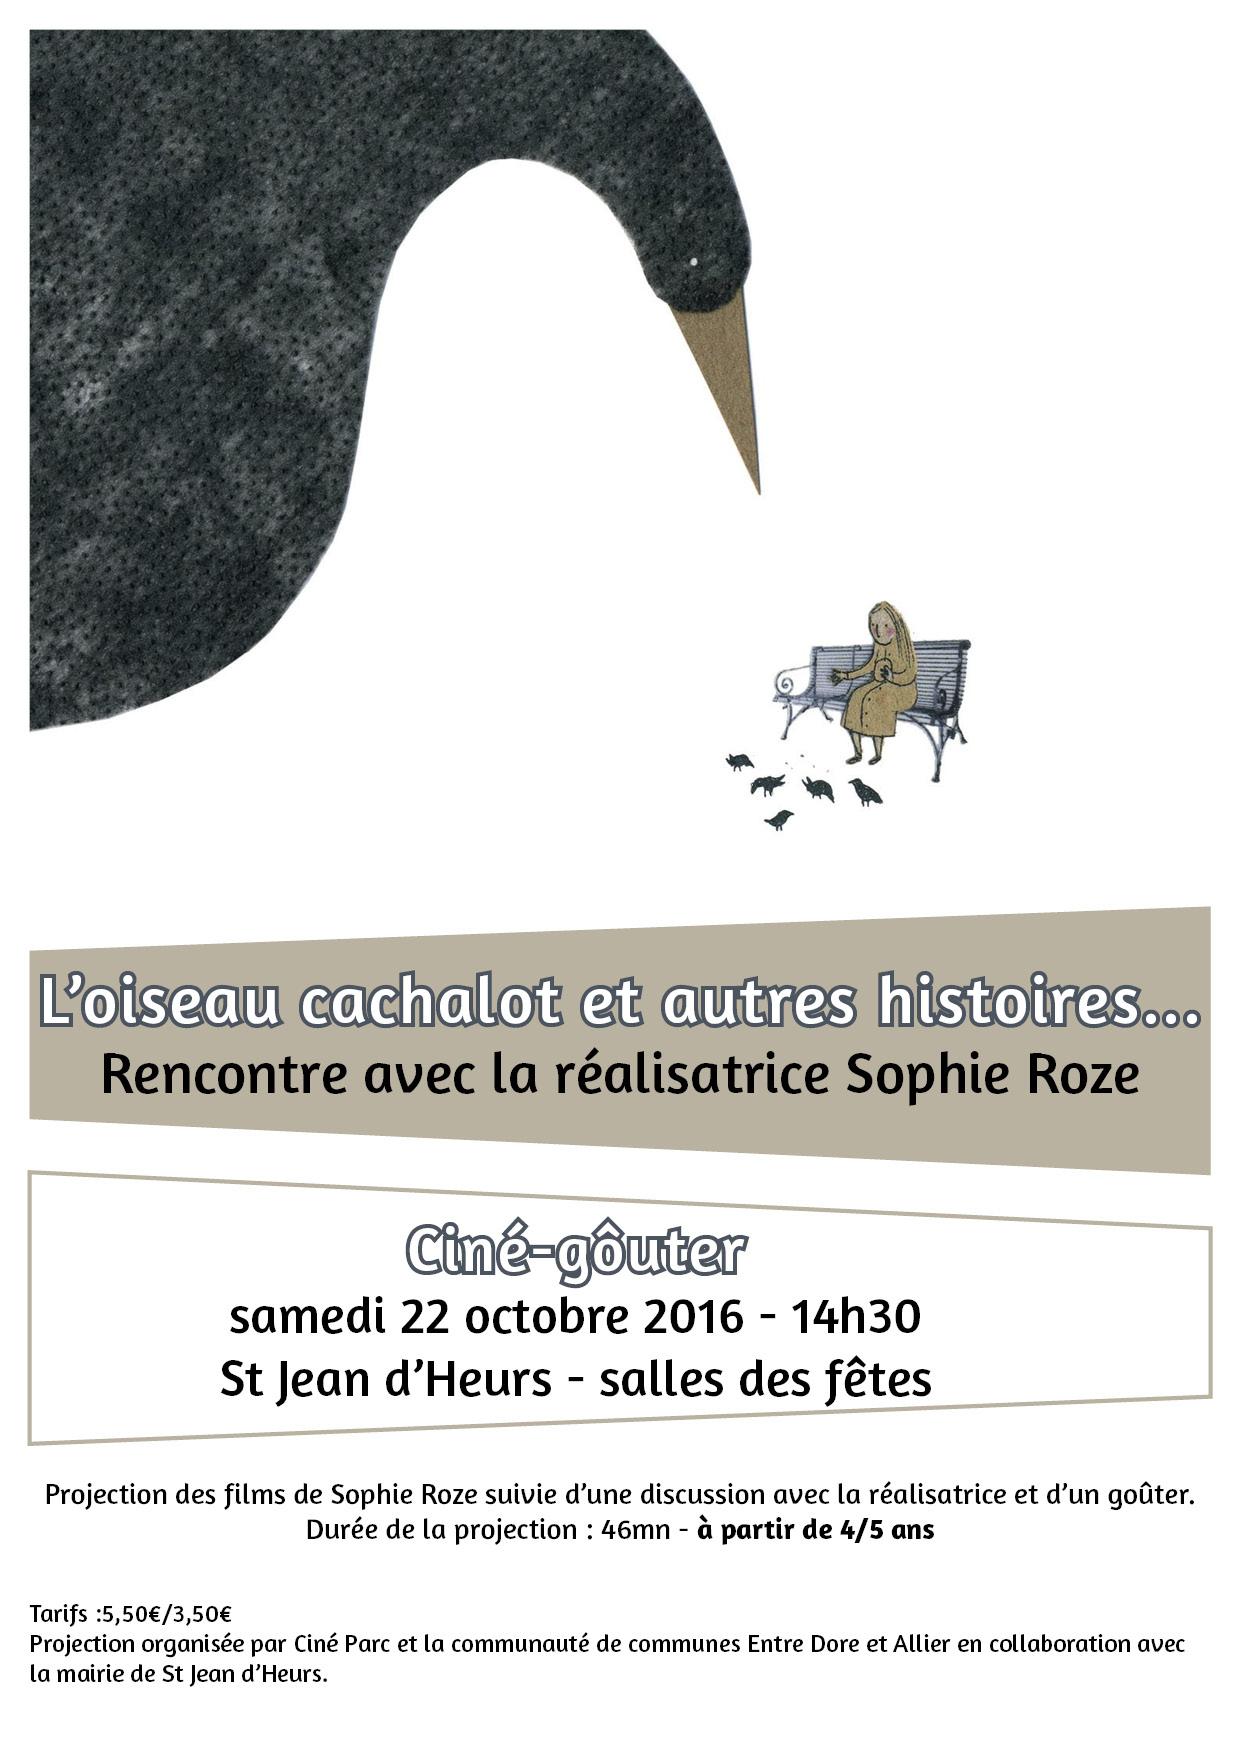 L'oiseau cachalot et autres histoires